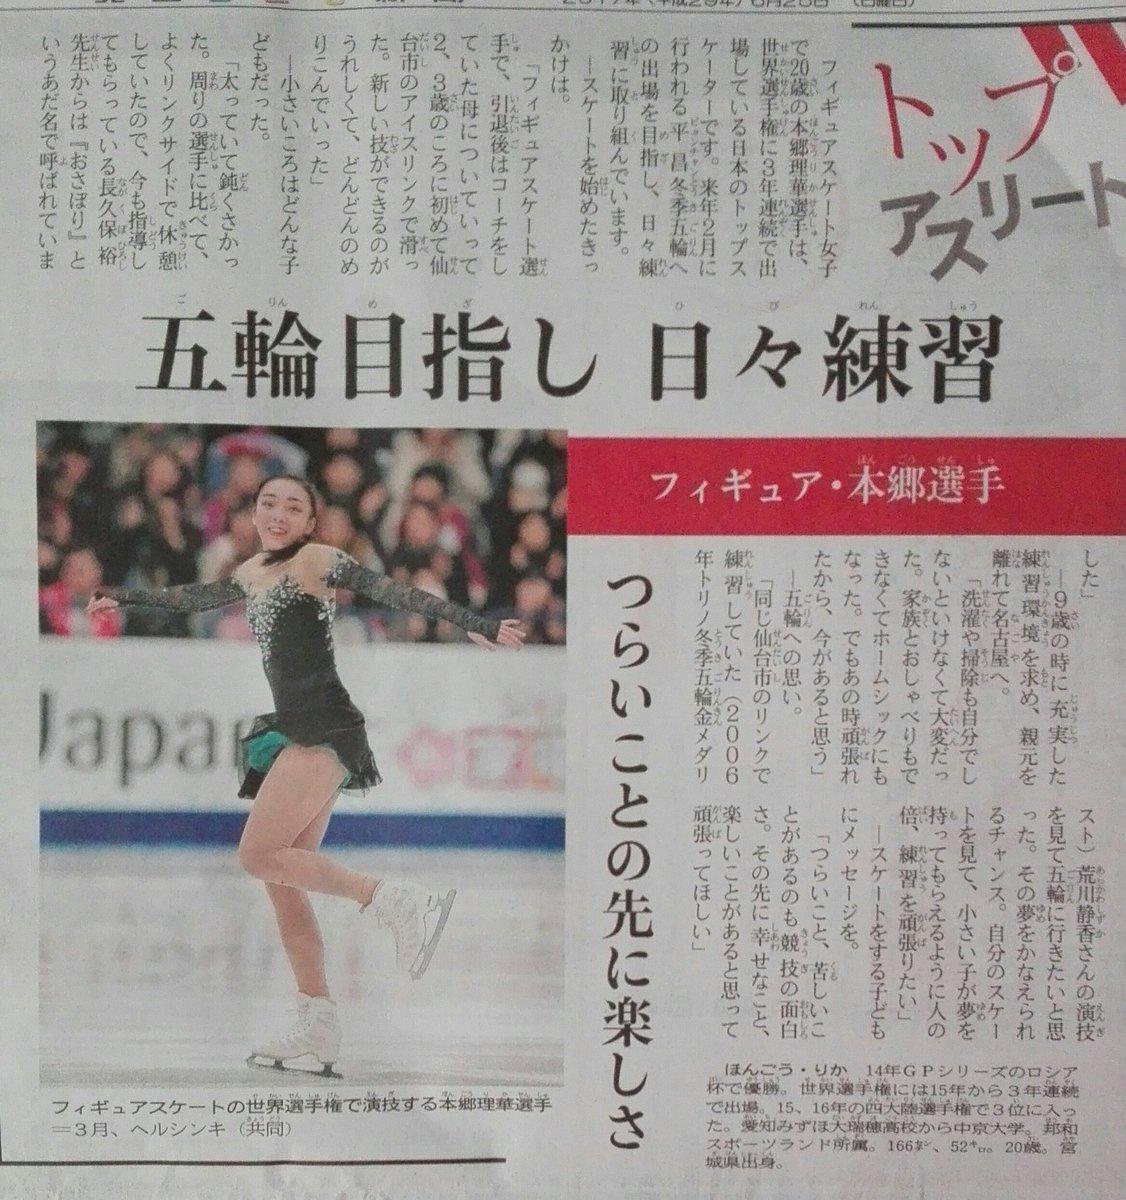 こども新聞で本郷理華選手の記事を掲載。「五輪目指し日々練習」